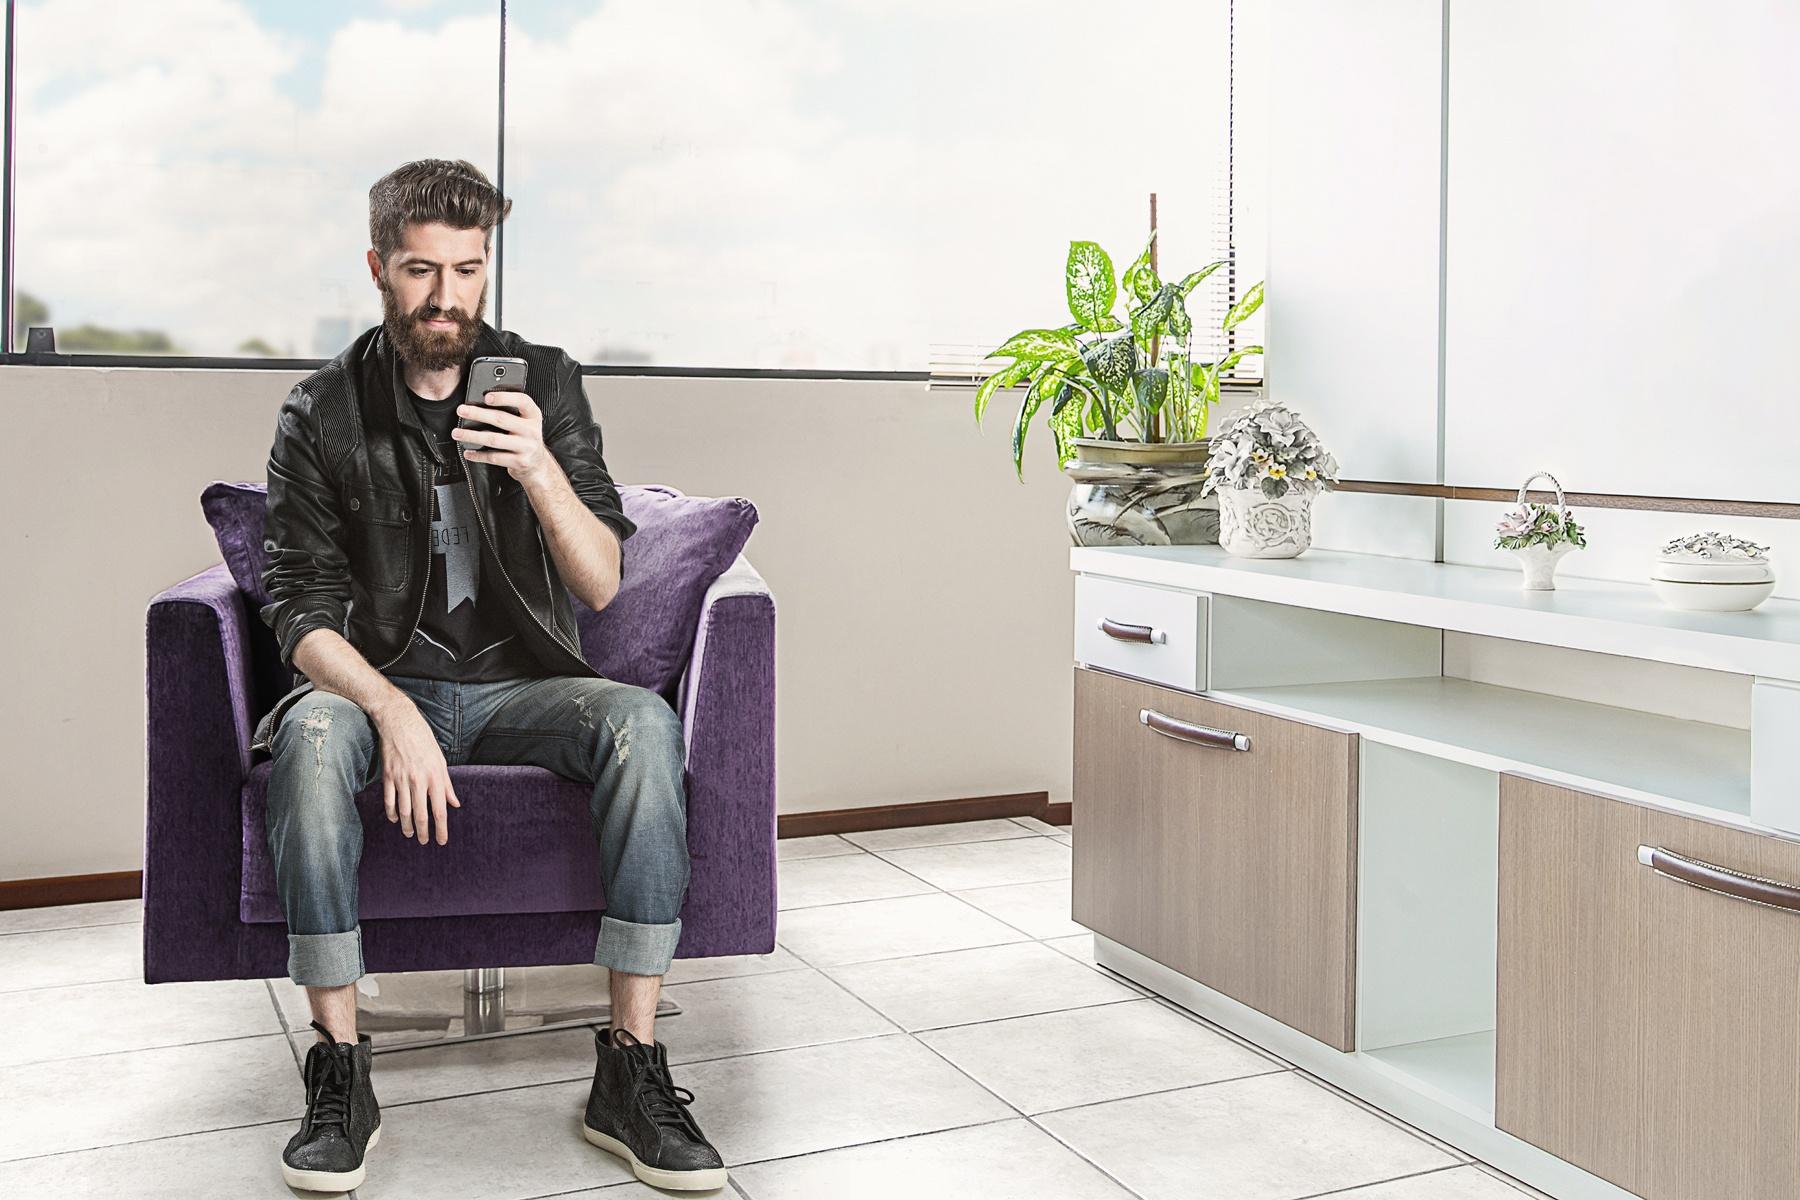 Rapaz usando smartphone sentado em uma poltrona